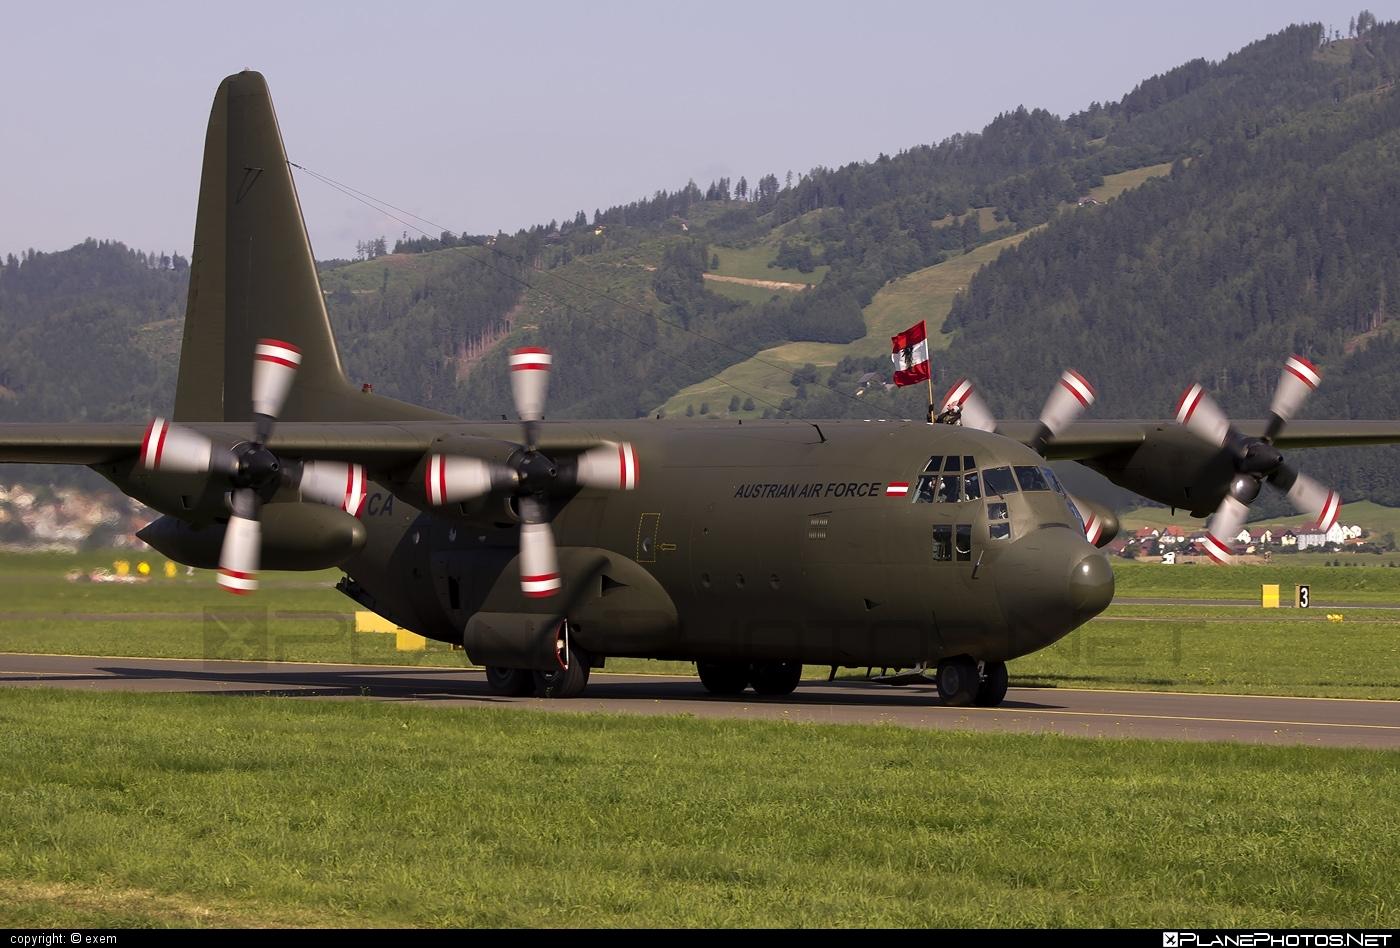 Lockheed C-130K Hercules - 8T-CA operated by Österreichische Luftstreitkräfte (Austrian Air Force) #austrianairforce #lockheed